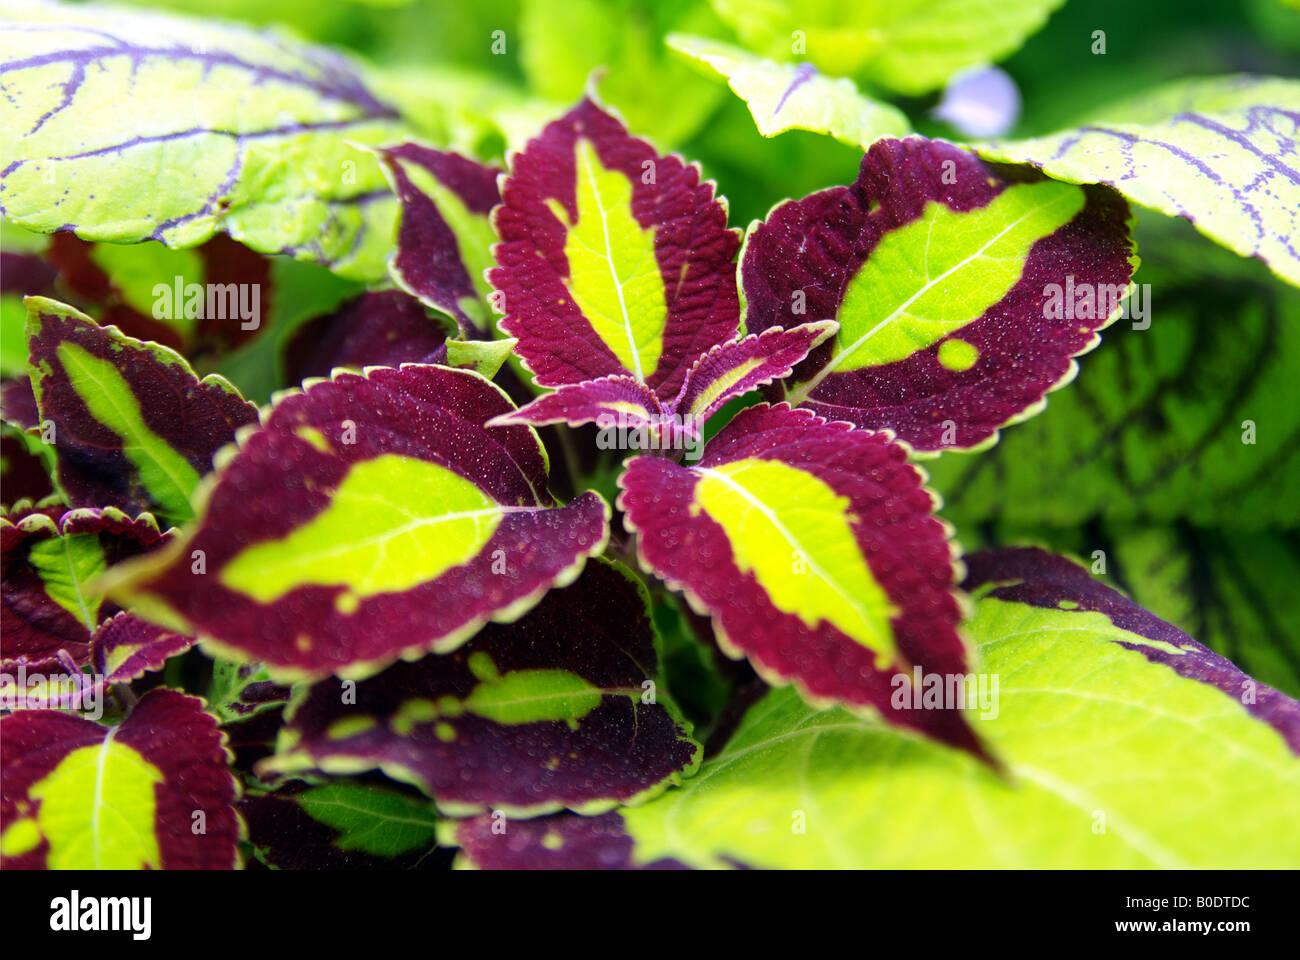 Bright Green And Purple Leafy Coleus Plant In The Sun Stock Photo Alamy